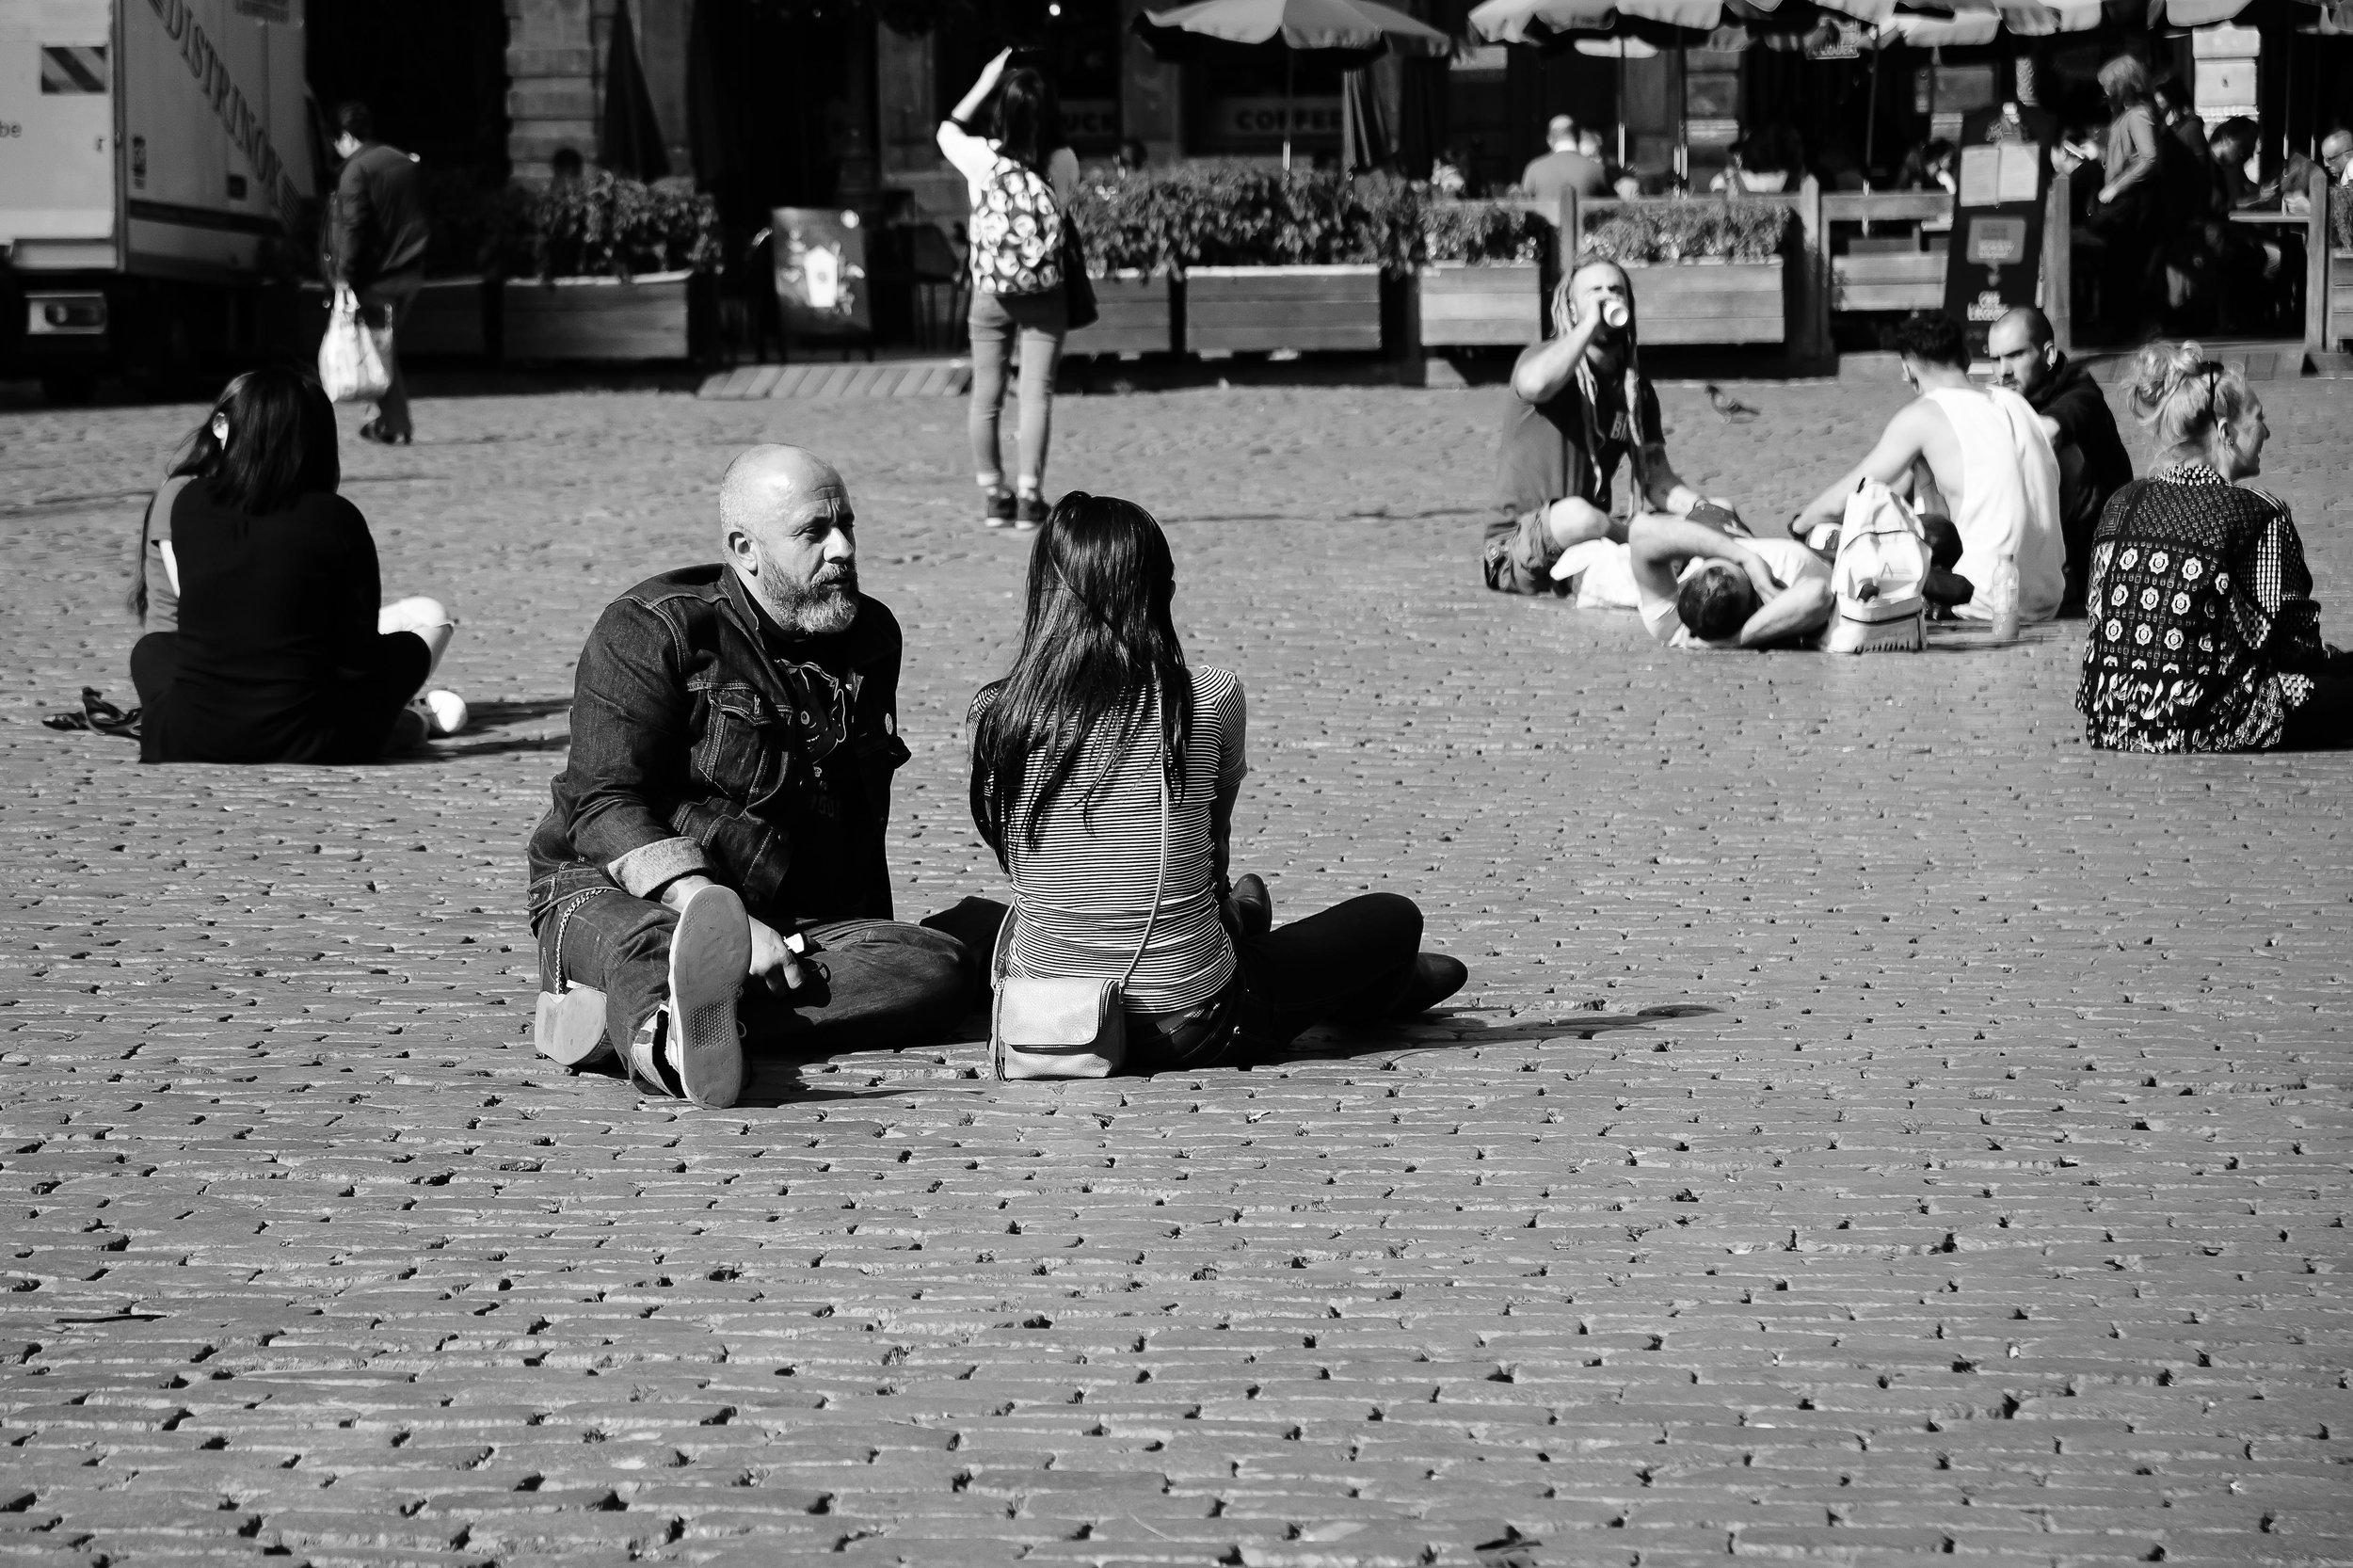 viewfinder-straatfotografie-brussel-koppel-geniet-herfstzon